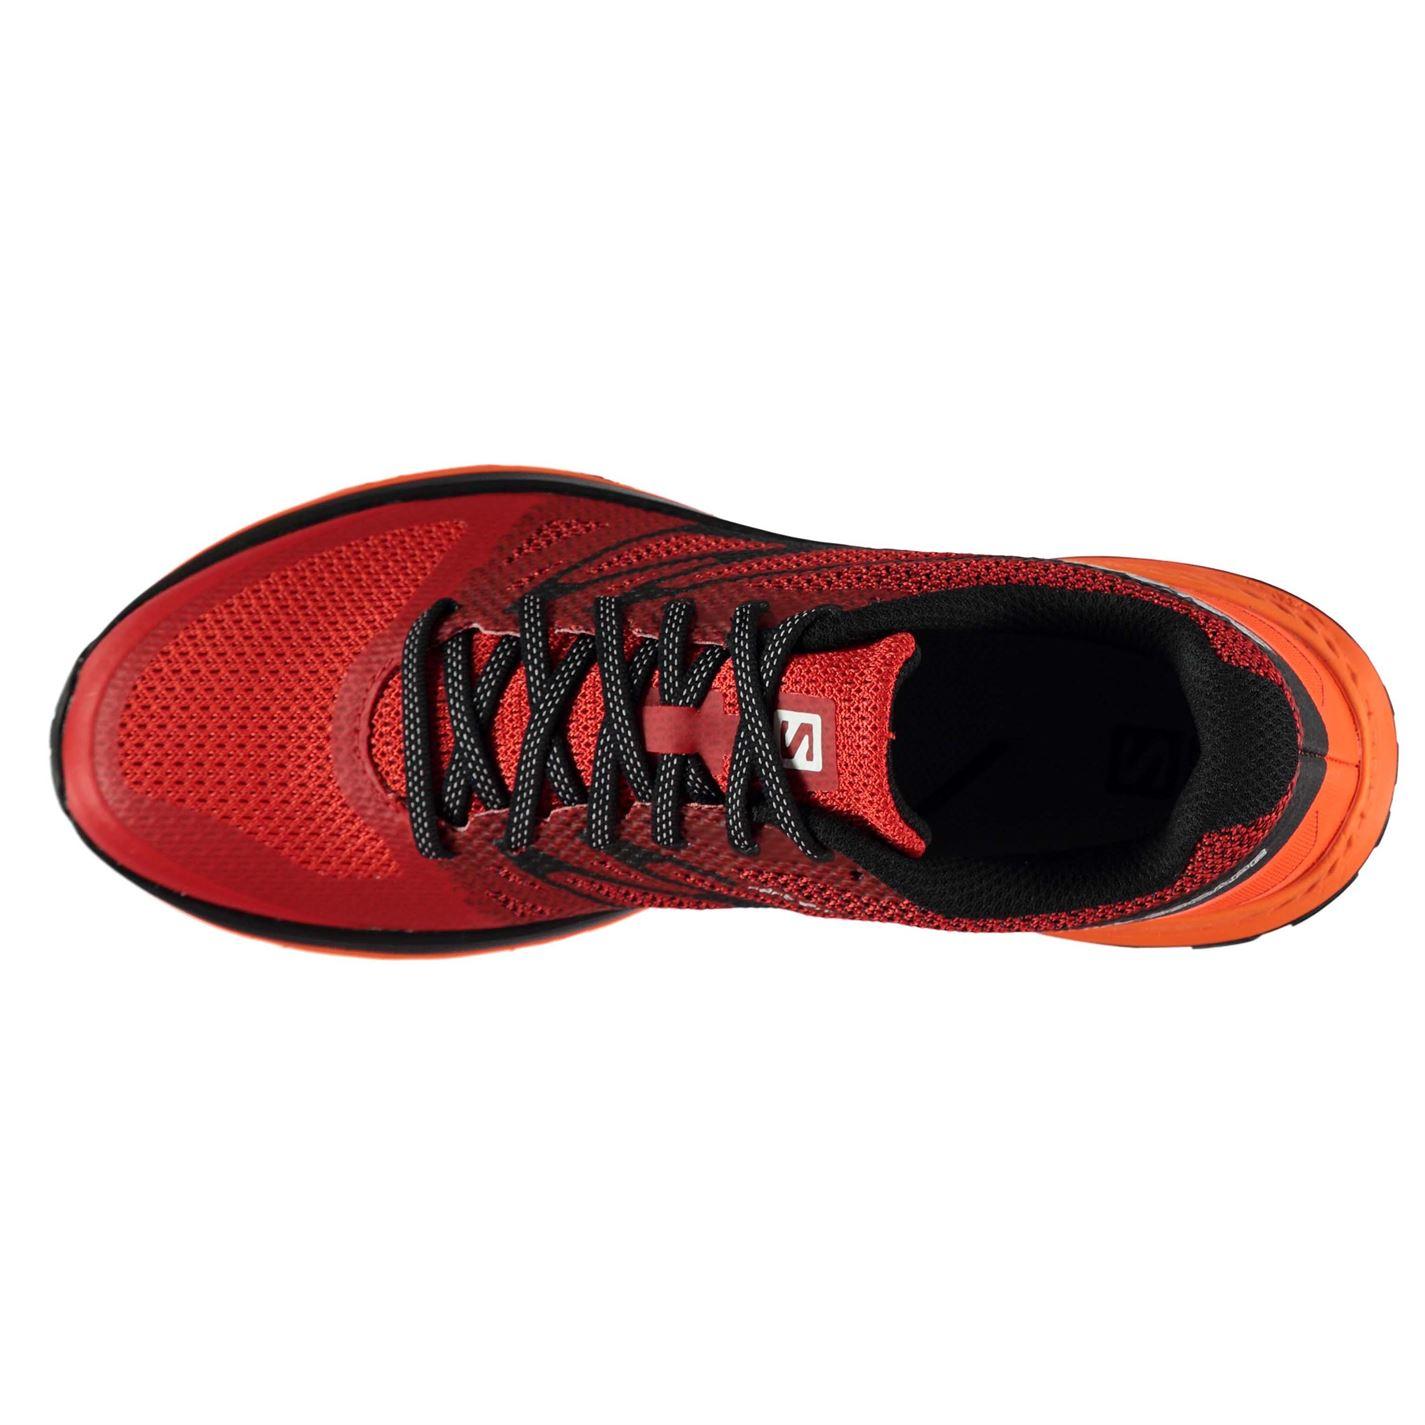 d736ab20 Details about Salomon Sense Escape Trail Running Shoes Mens Gents Laces  Fastened